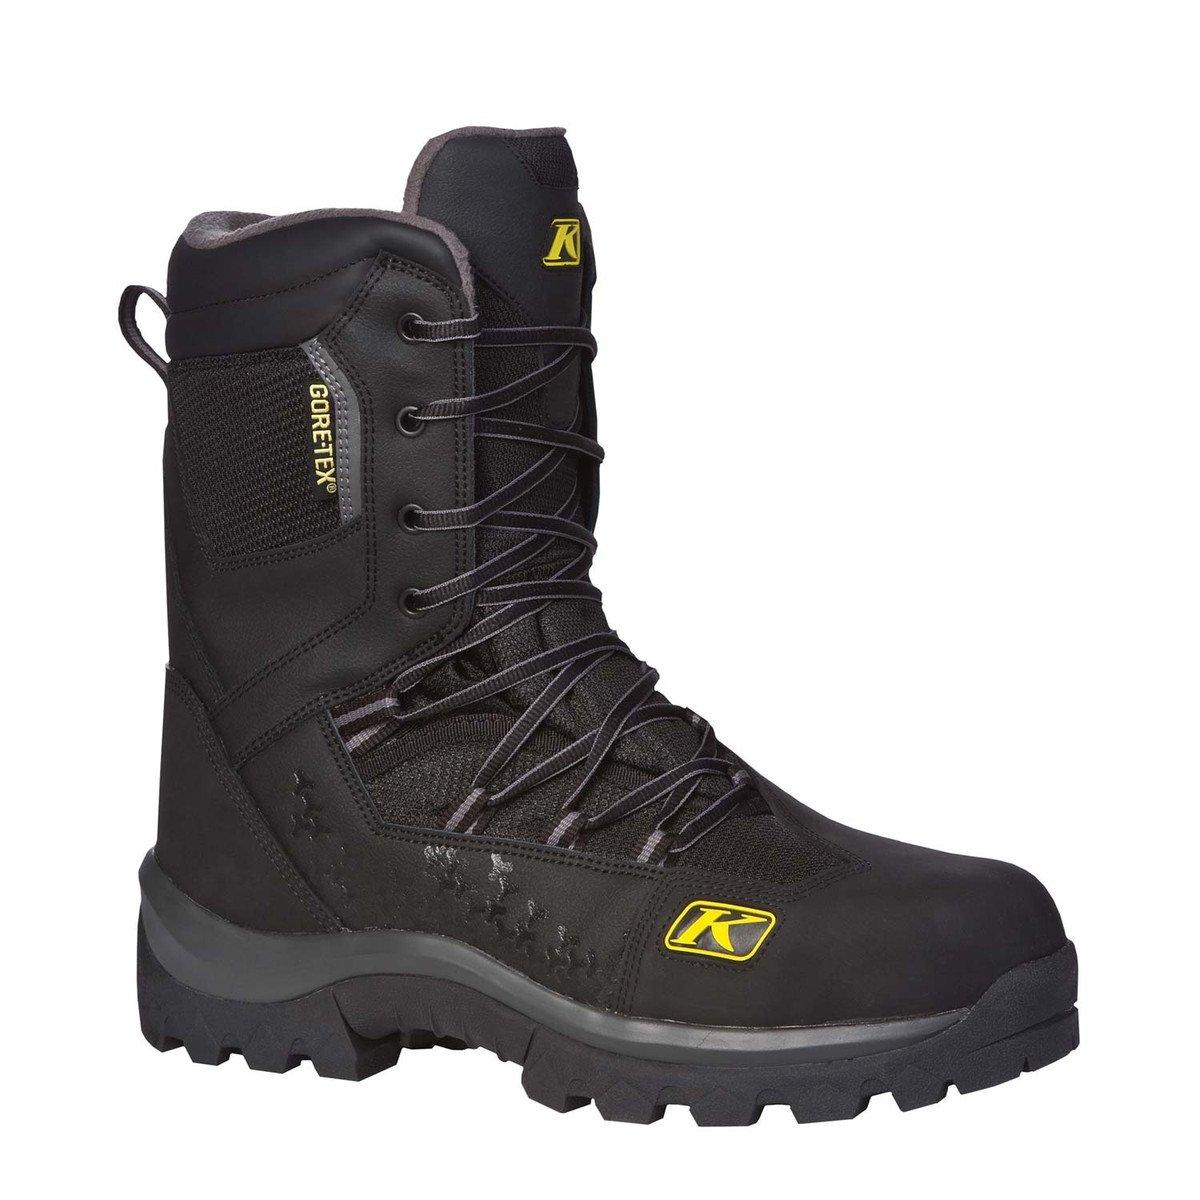 Klim Adrenaline GTX Boot}